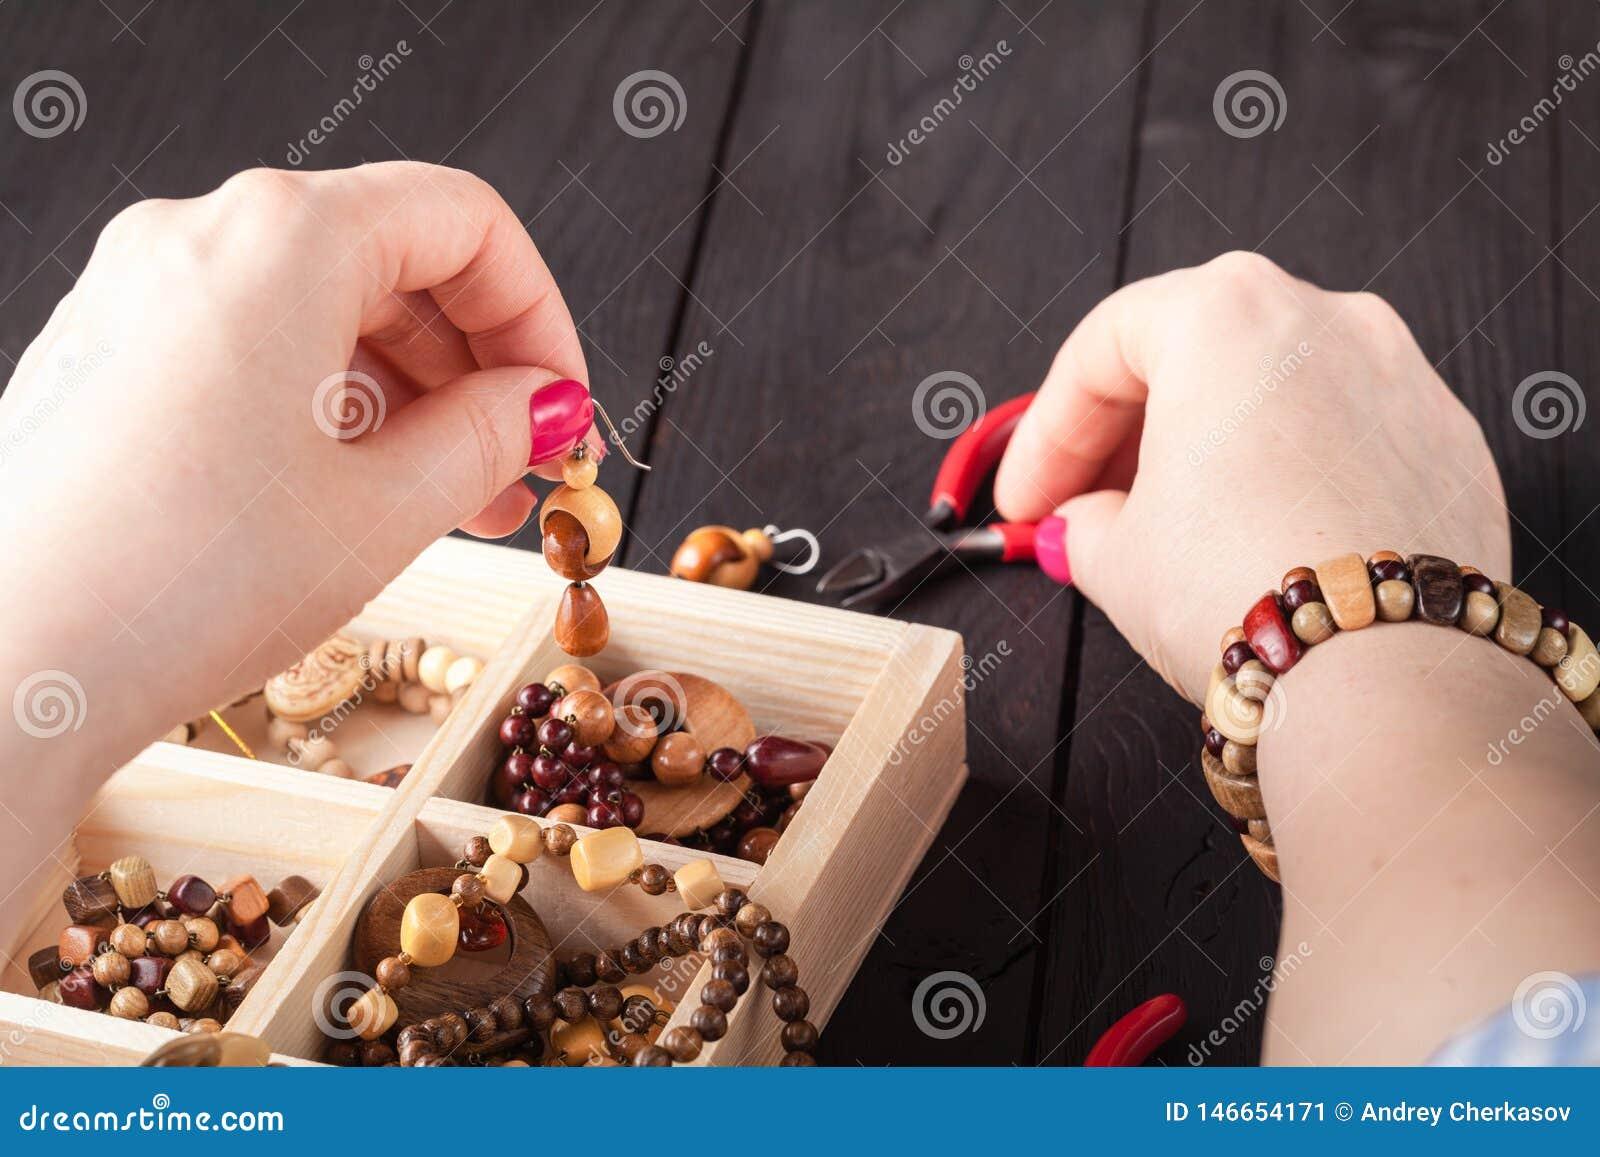 Herstellung des handgemachten Schmucks Kasten mit Perlen auf altem Holztisch